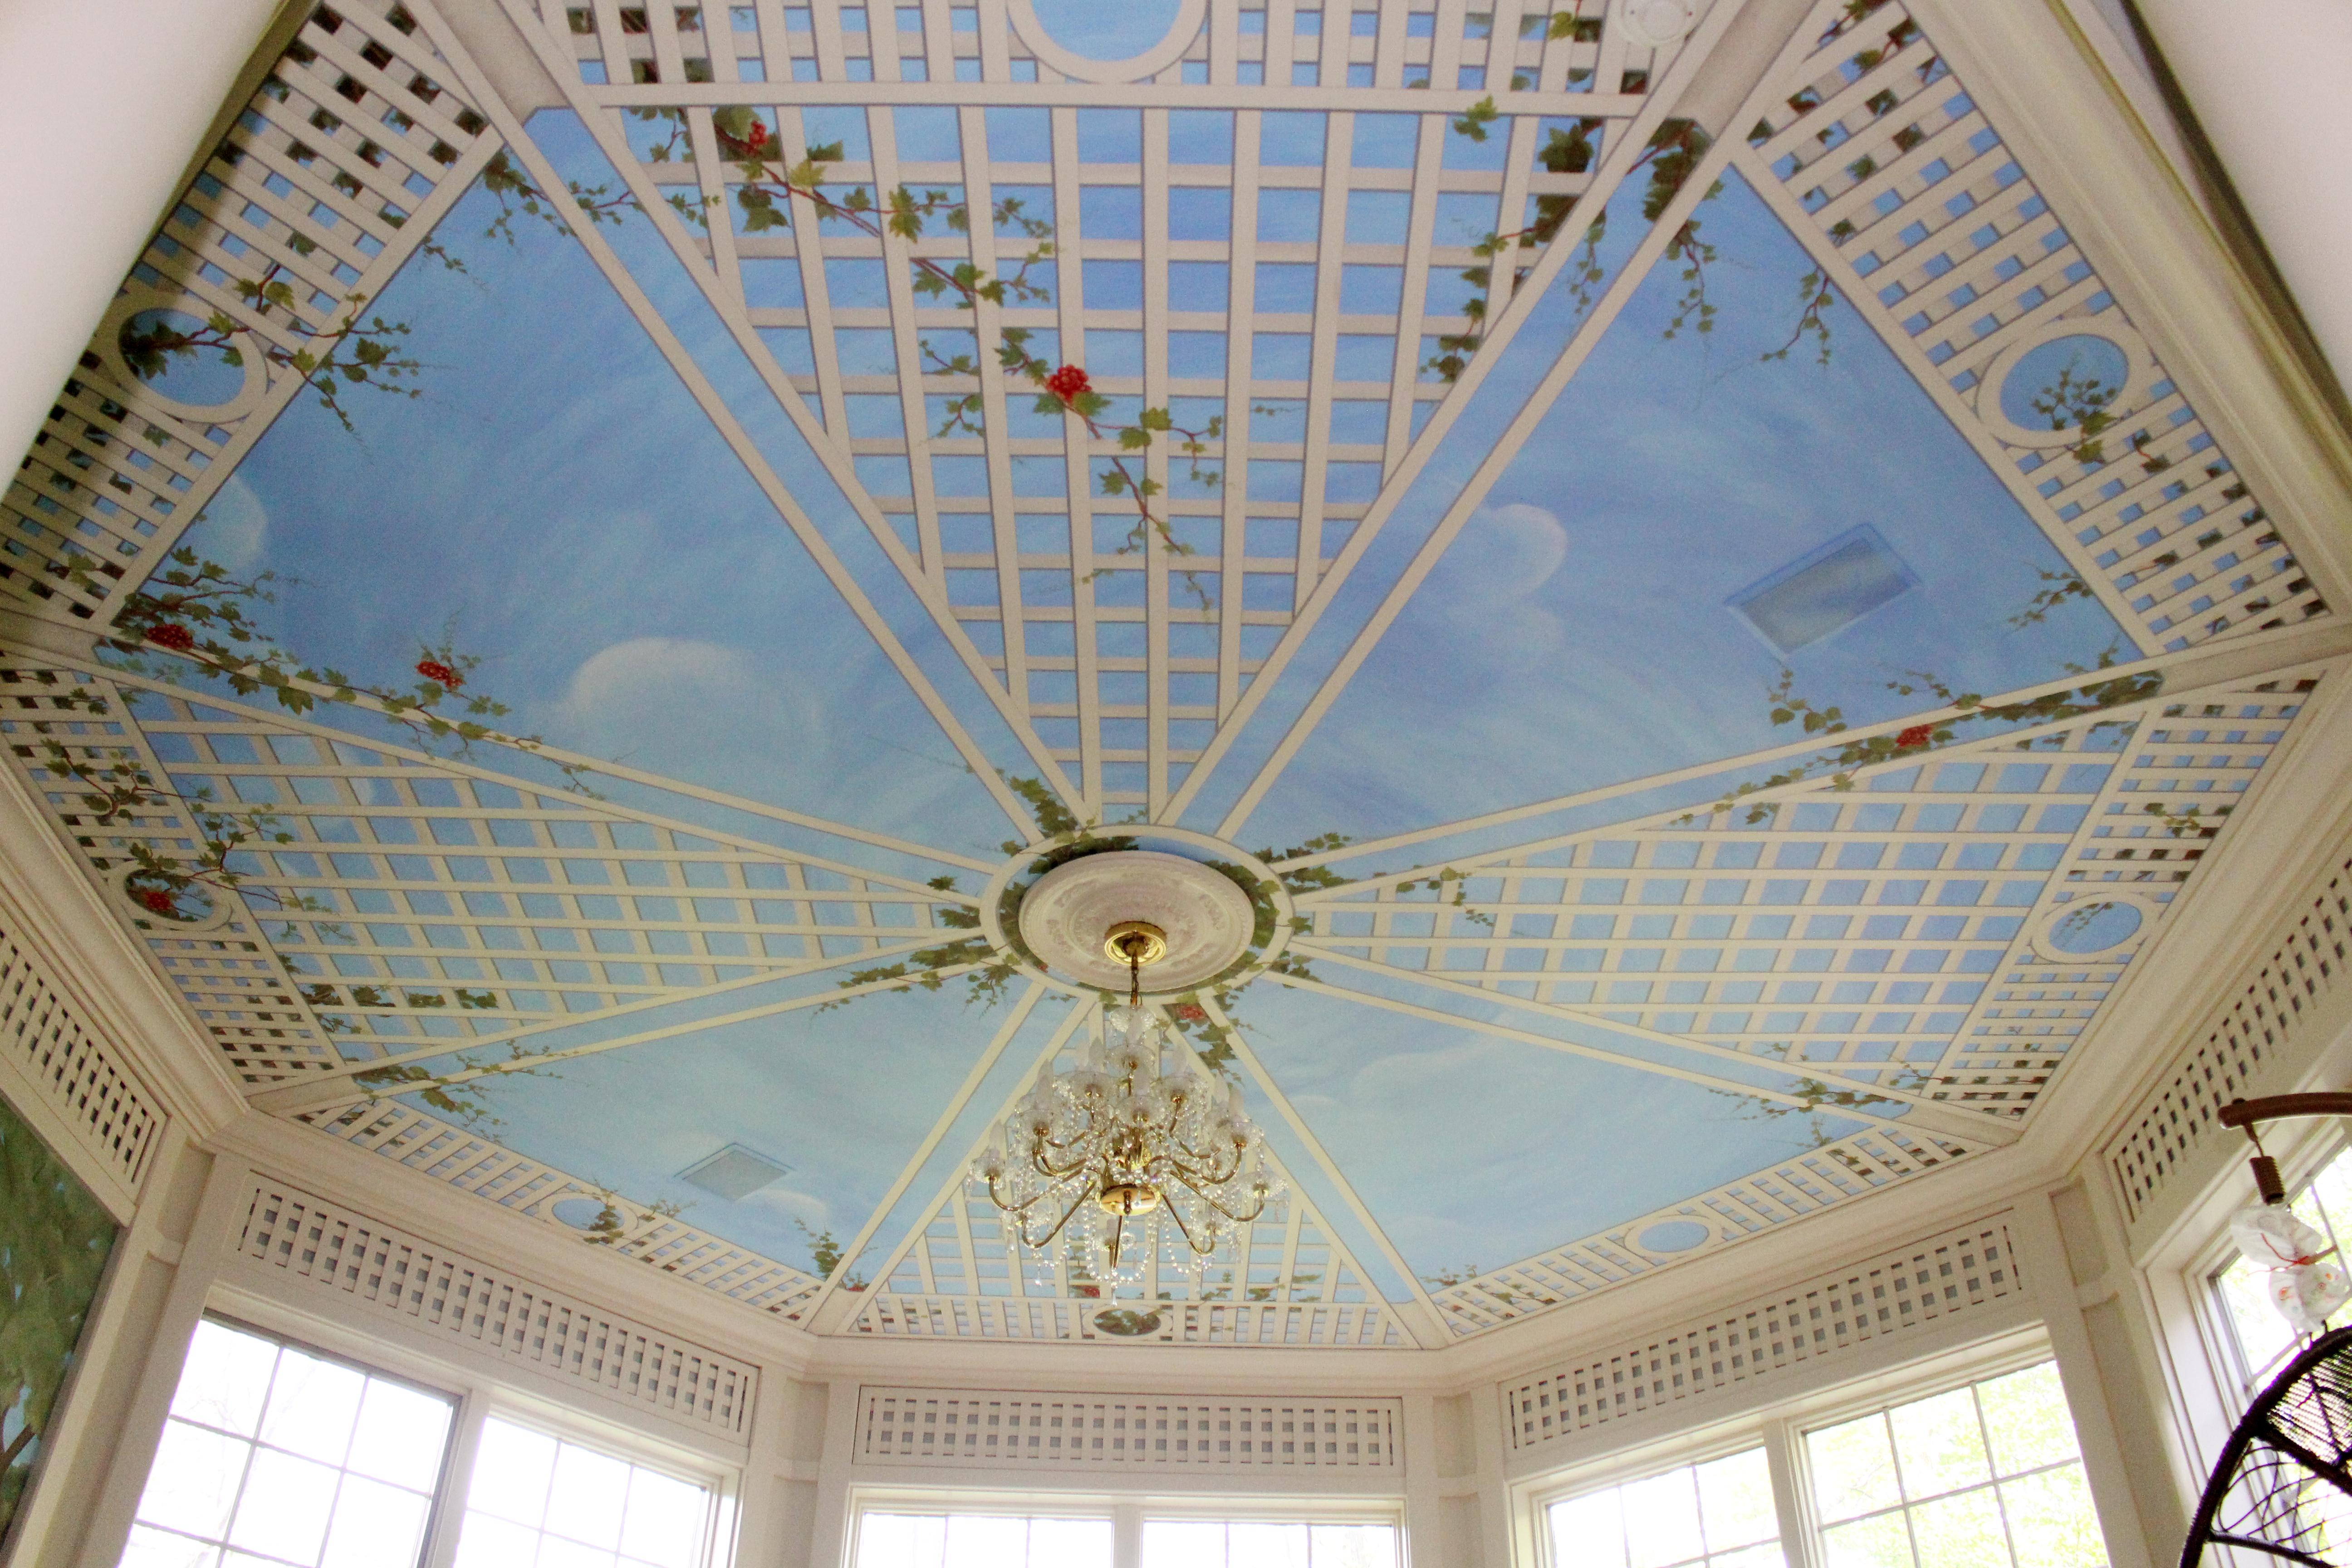 Mural Ceiling Design Alpine NJ